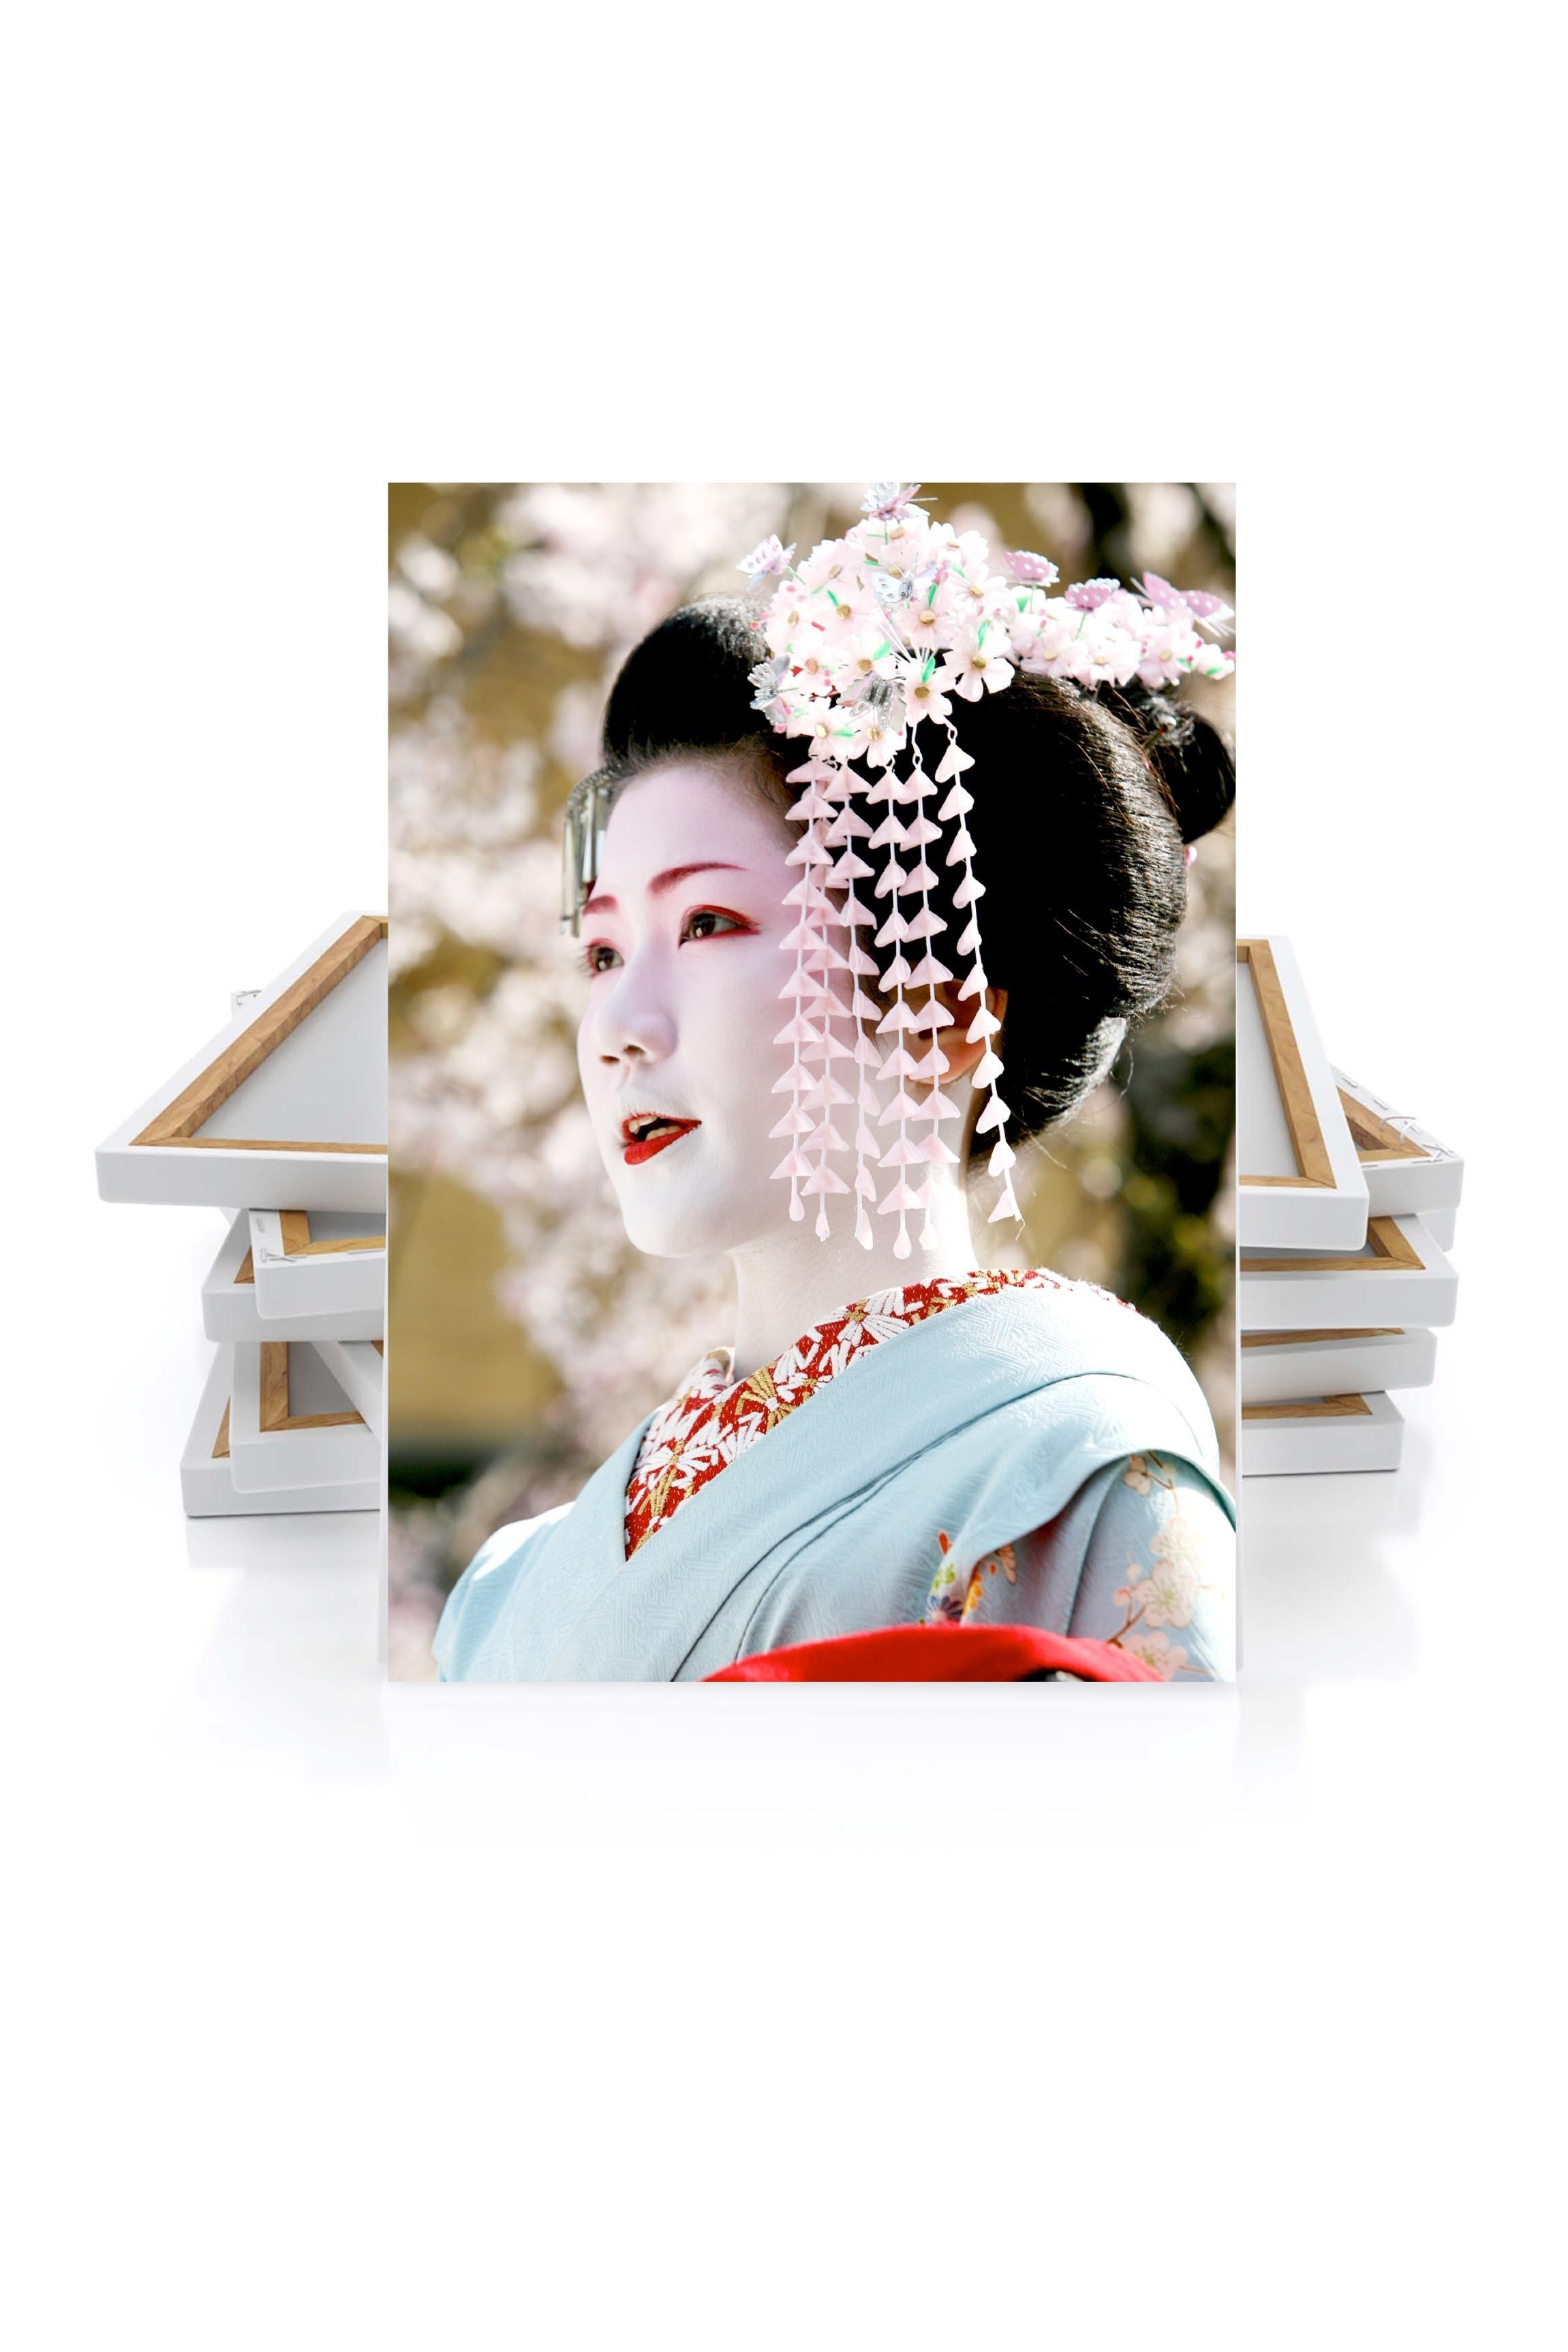 Canvas Geisha – Japanemmanuel Catteau – Canvas – Wall Art With Regard To Geisha Canvas Wall Art (View 12 of 20)